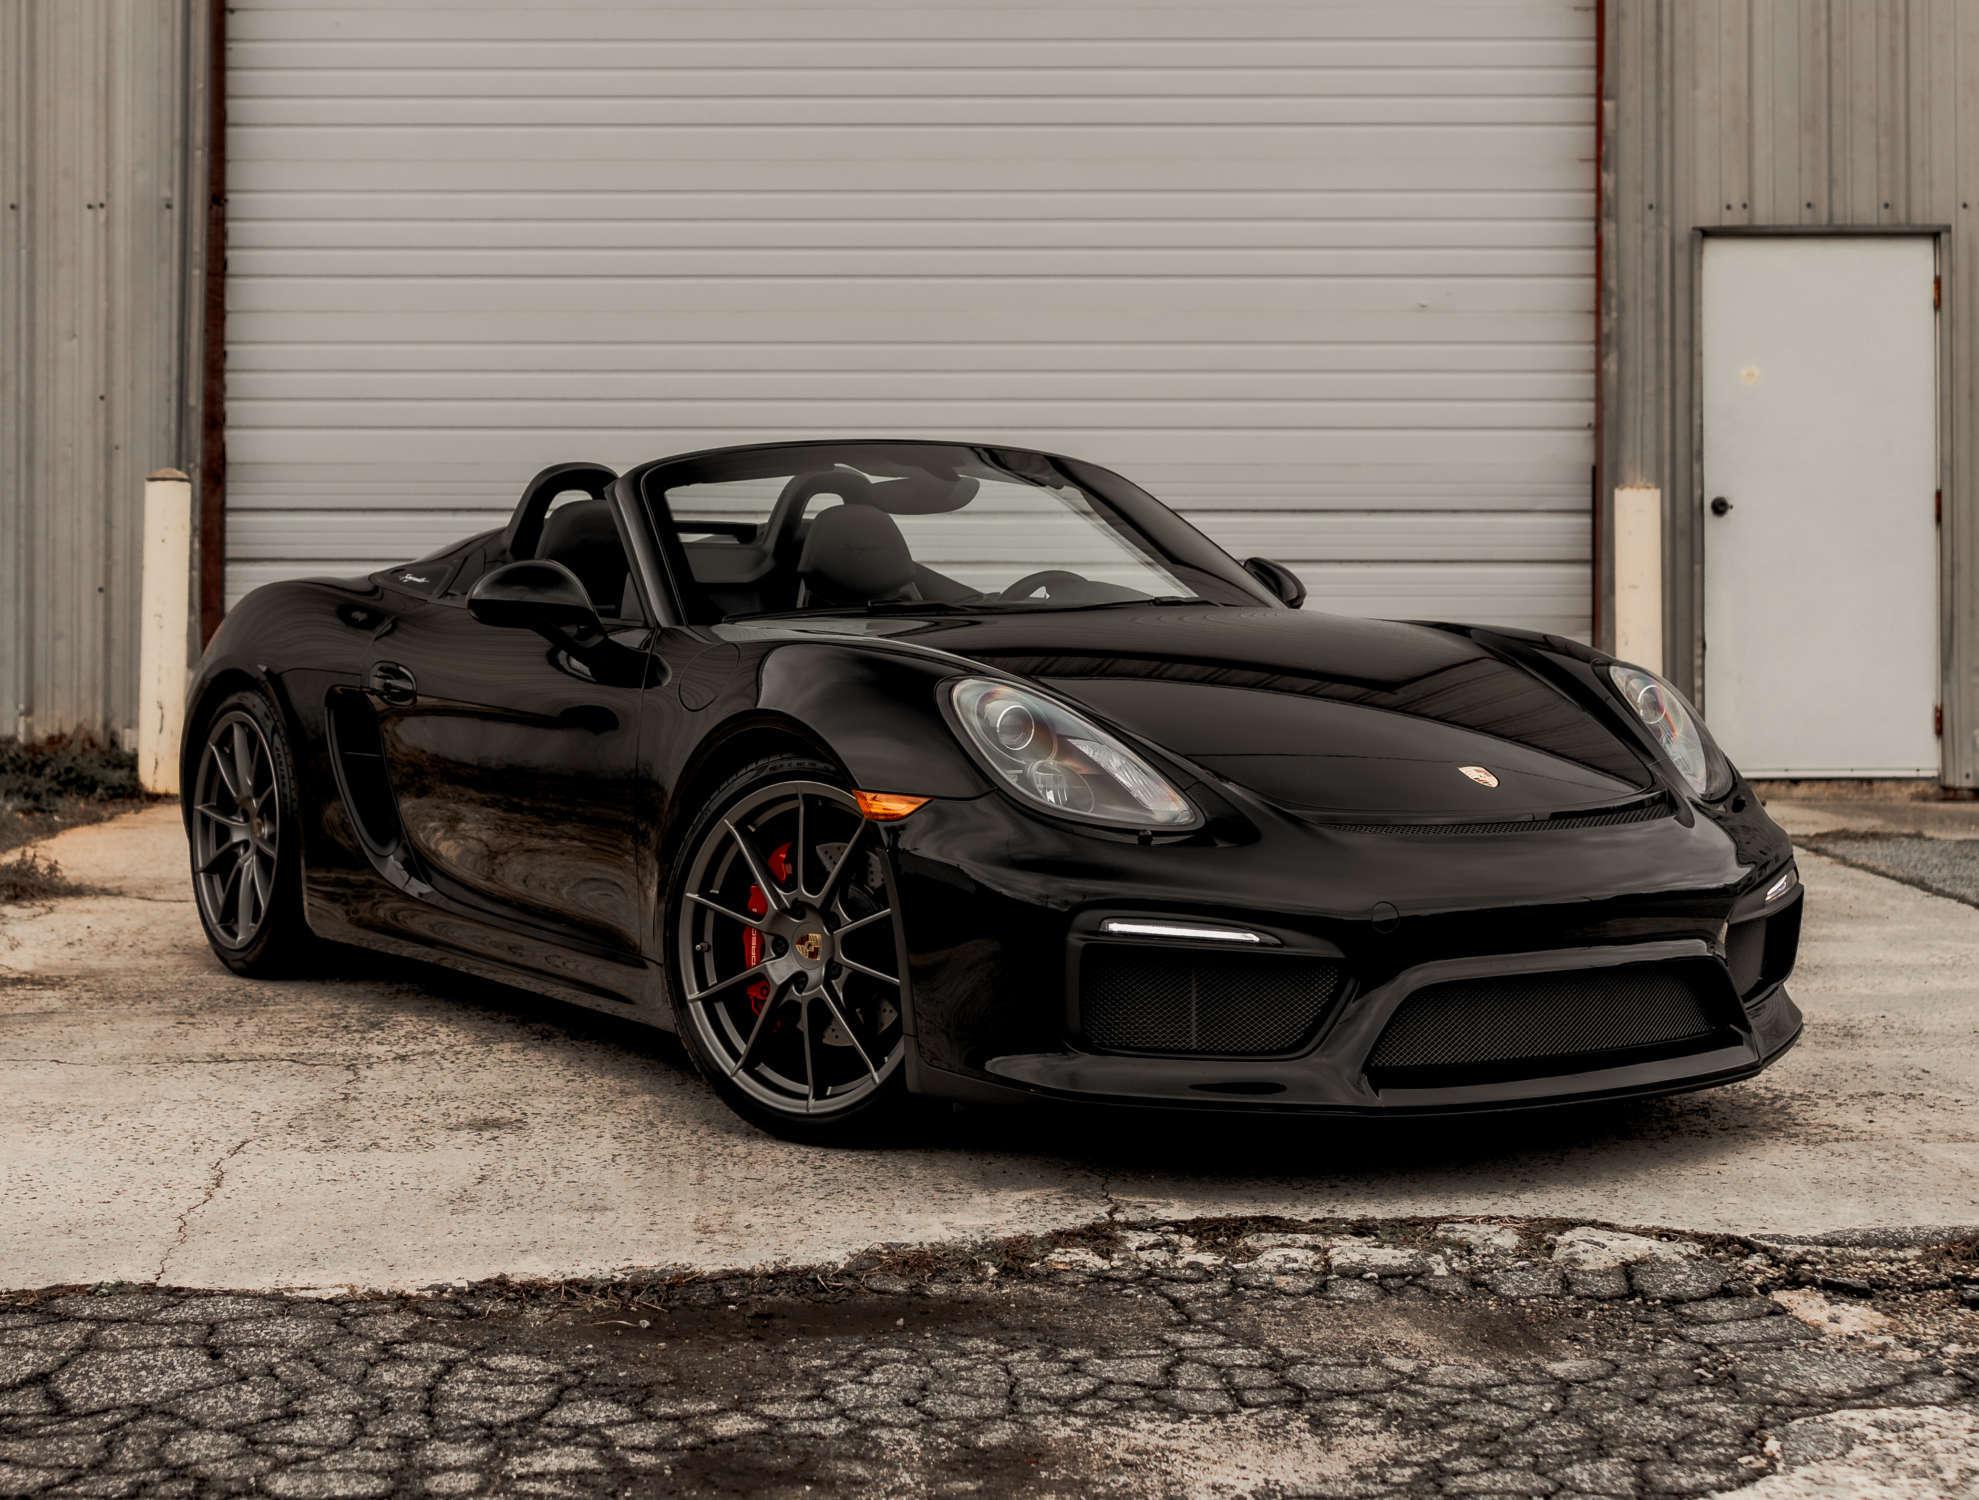 Porsche 981 kaufen in schwarz